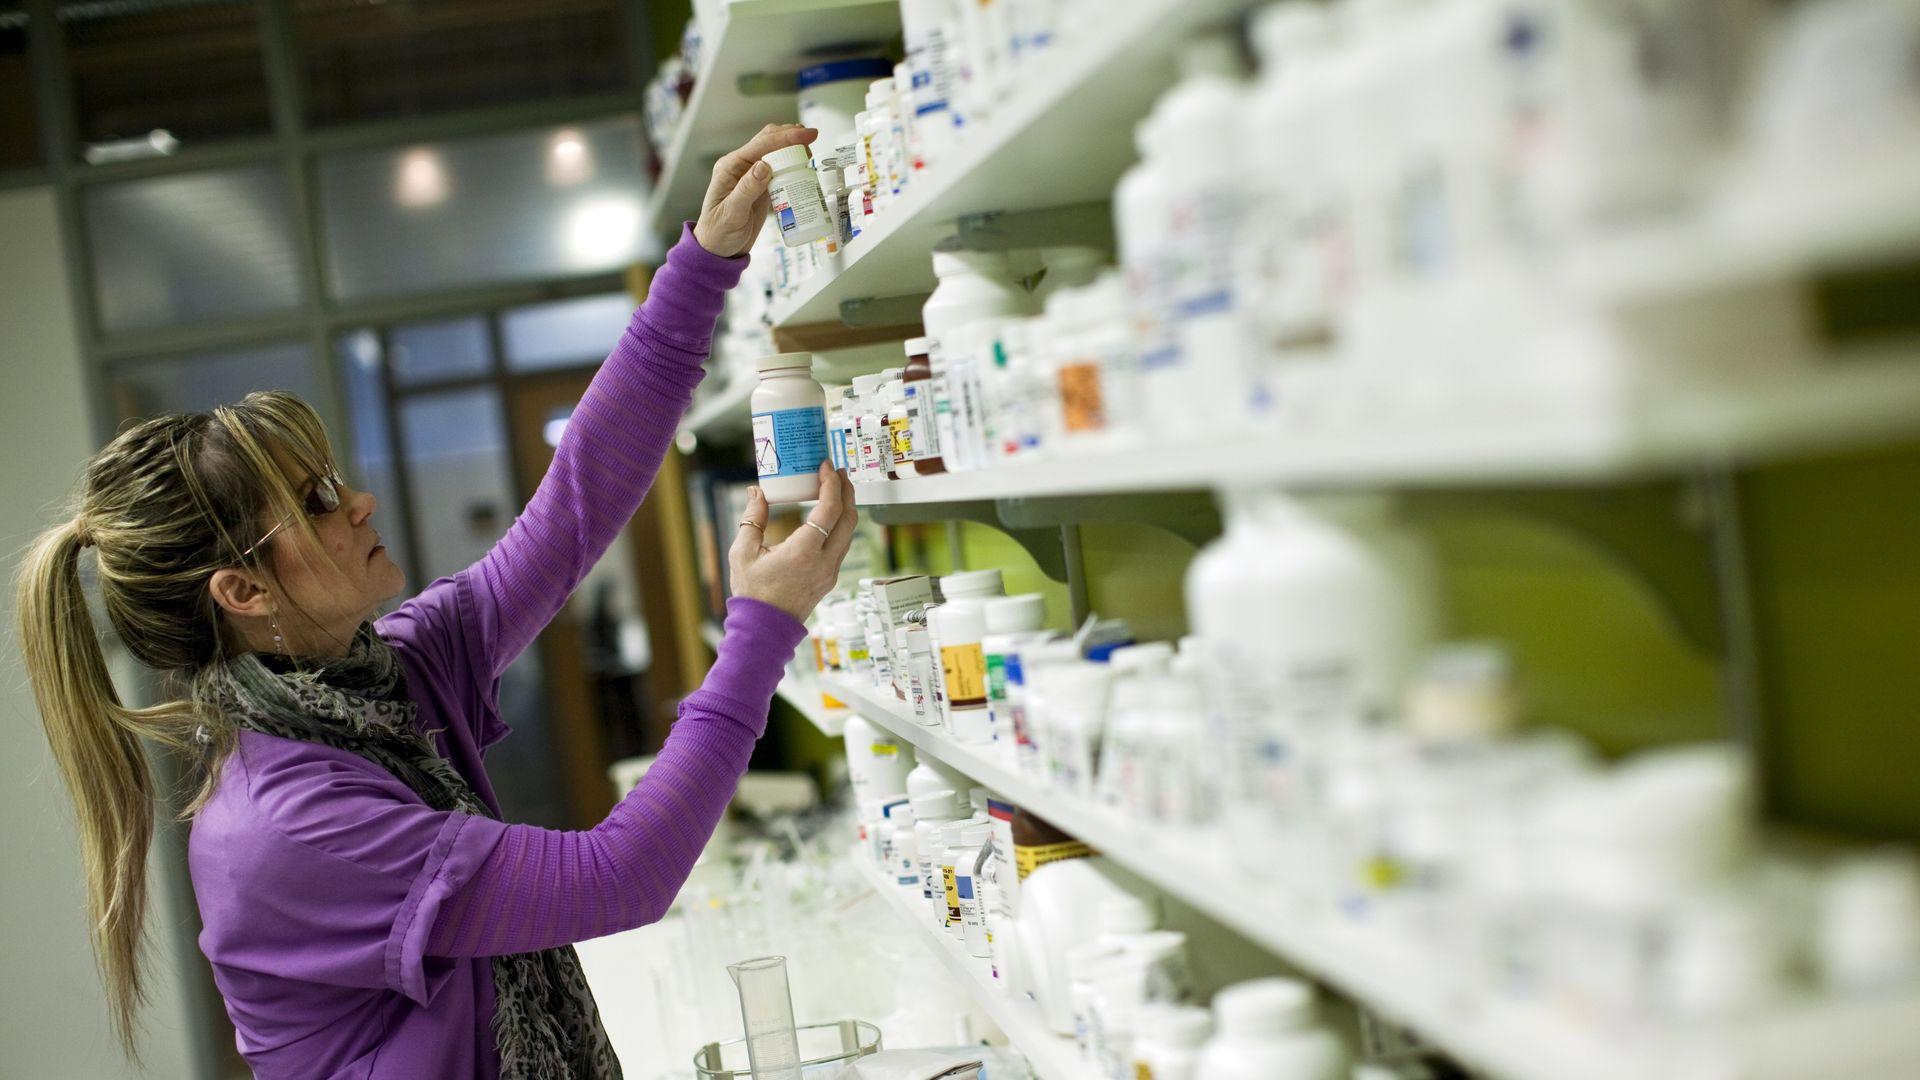 A pharmacy technician looks at prescription pill bottles on shelves.